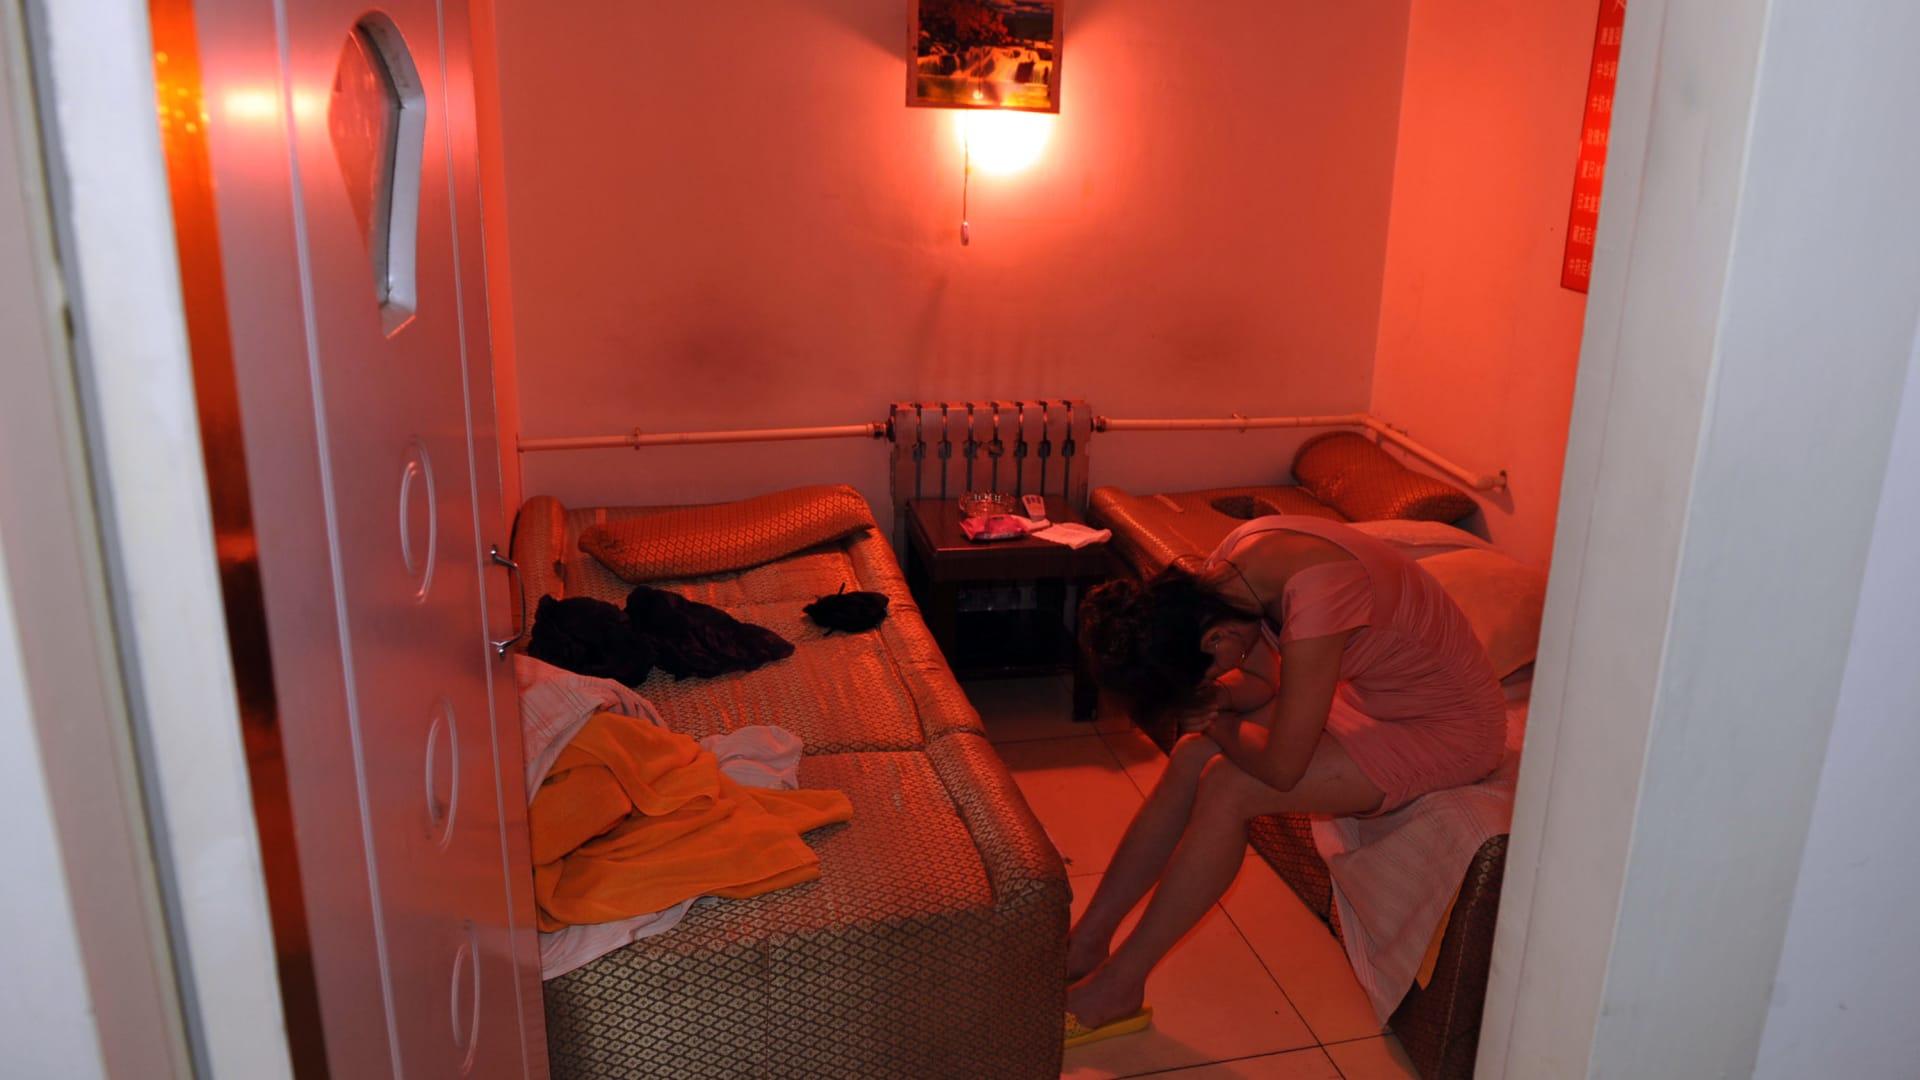 انتبه.. تصوير 1600 شخص سرا داخل غرف فندقية وبثها بصورة مباشرة